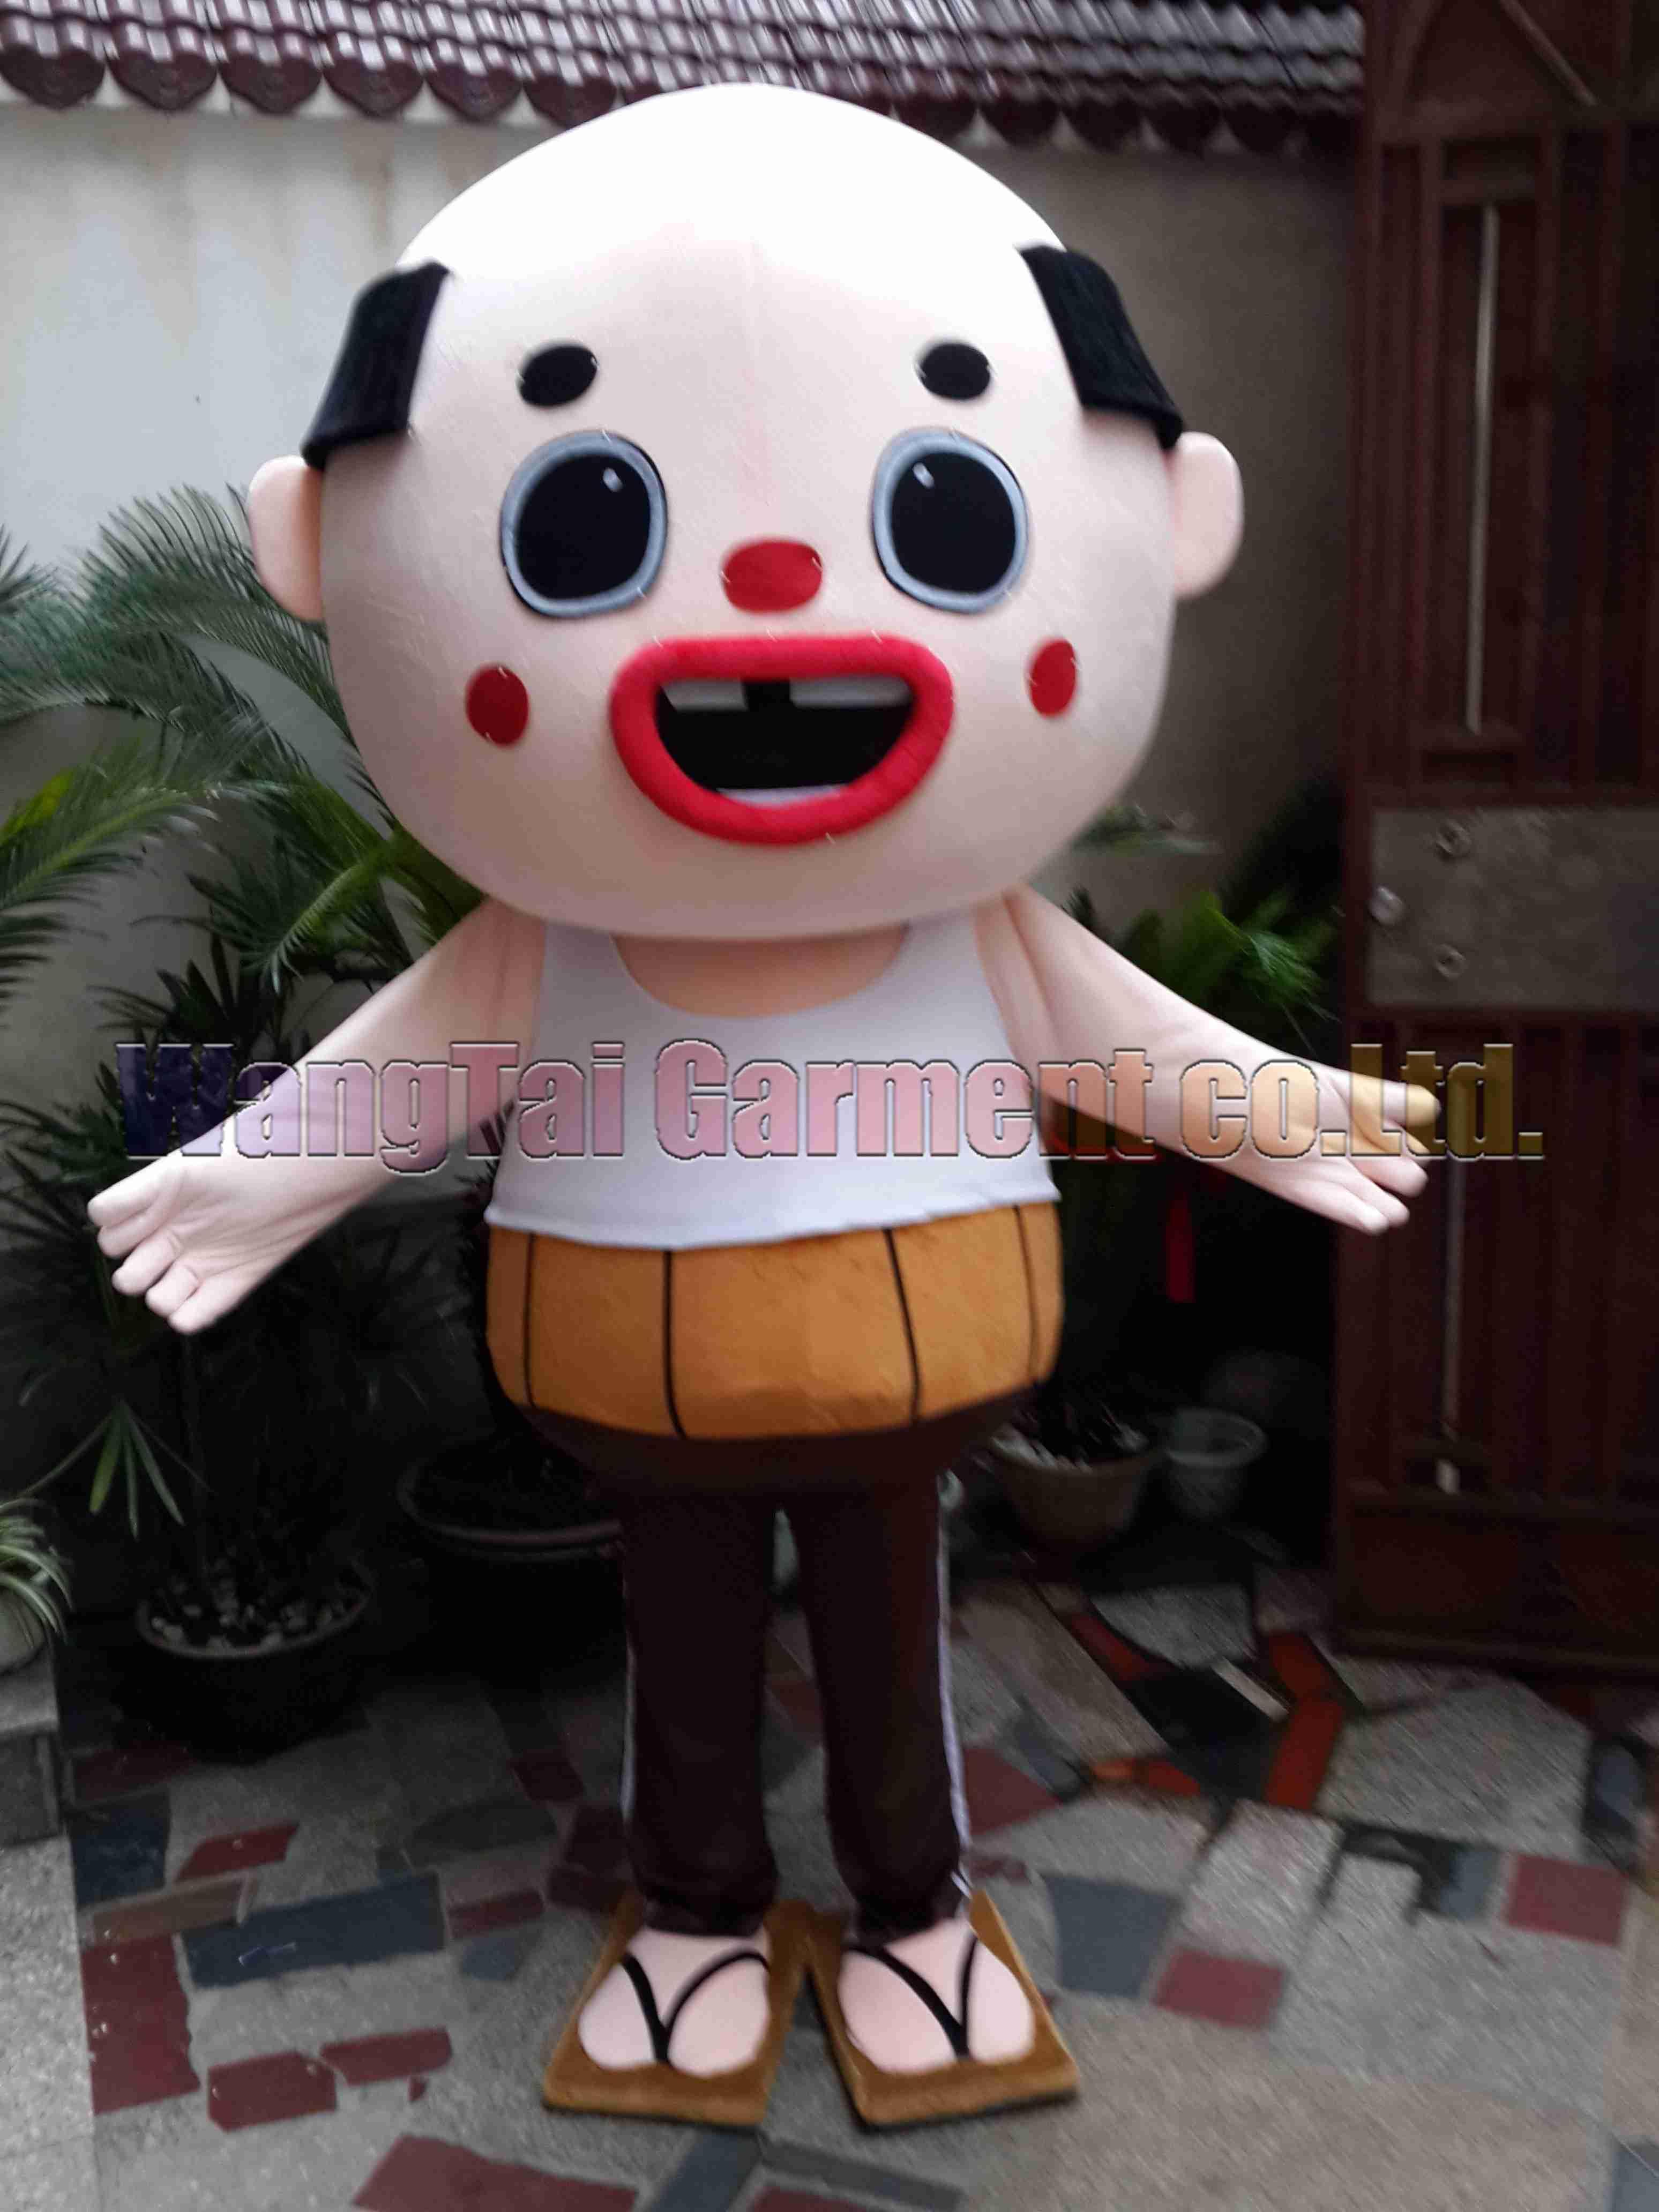 Японский человек костюм талисмана Бесплатная доставка взрослый размер, человек костюм талисмана плюшевые игрушки карнавал аниме фильм классический мультфильм талисман завод продаж